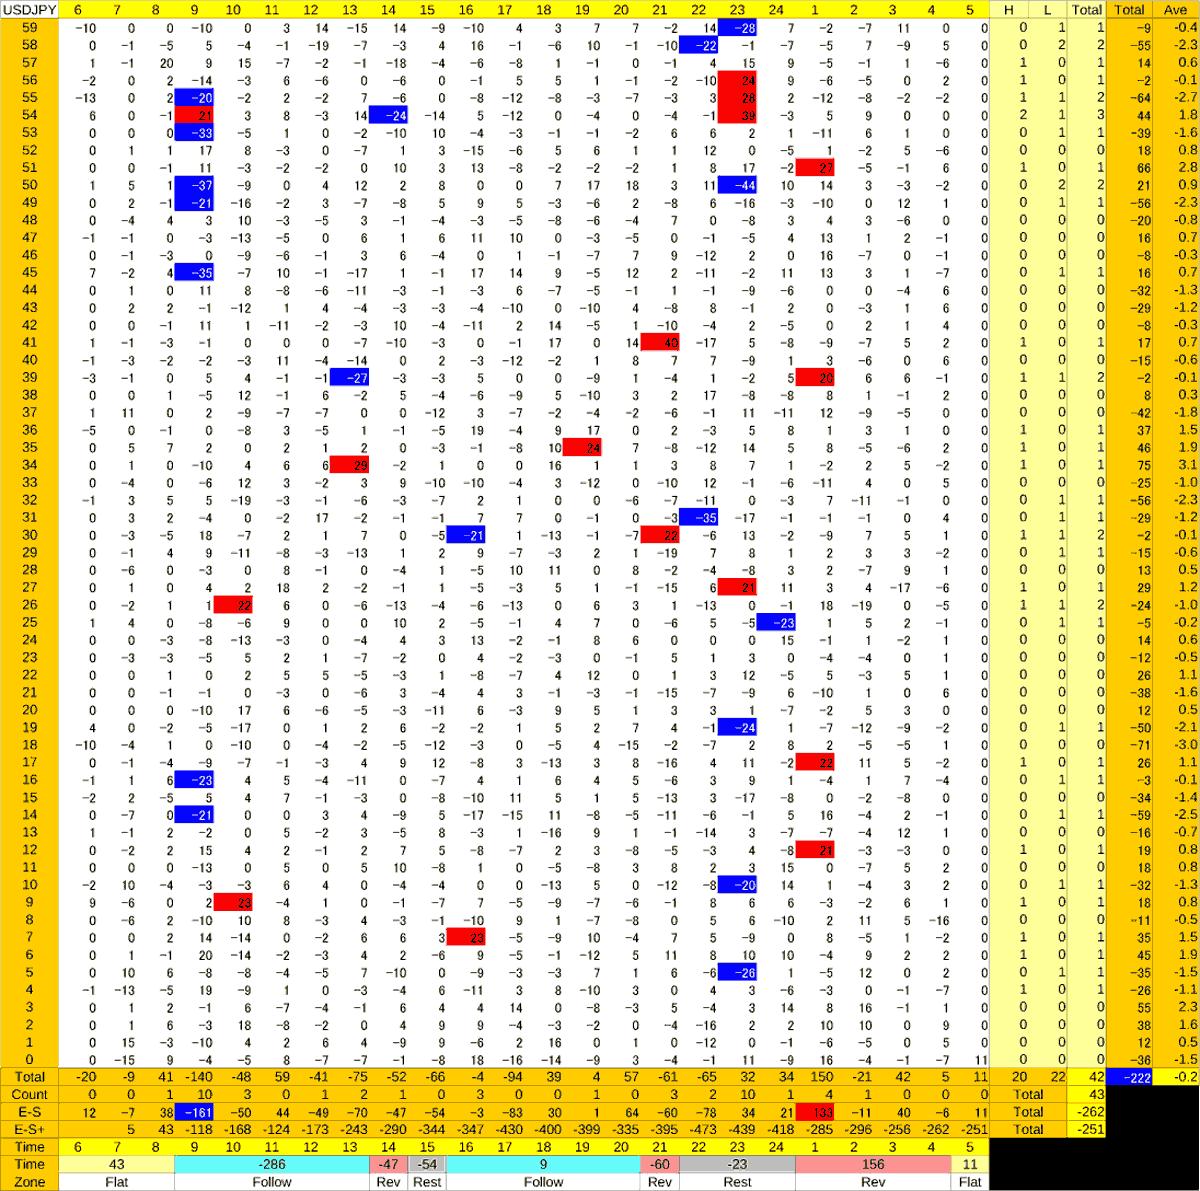 20200710_HS(1)USDJPY